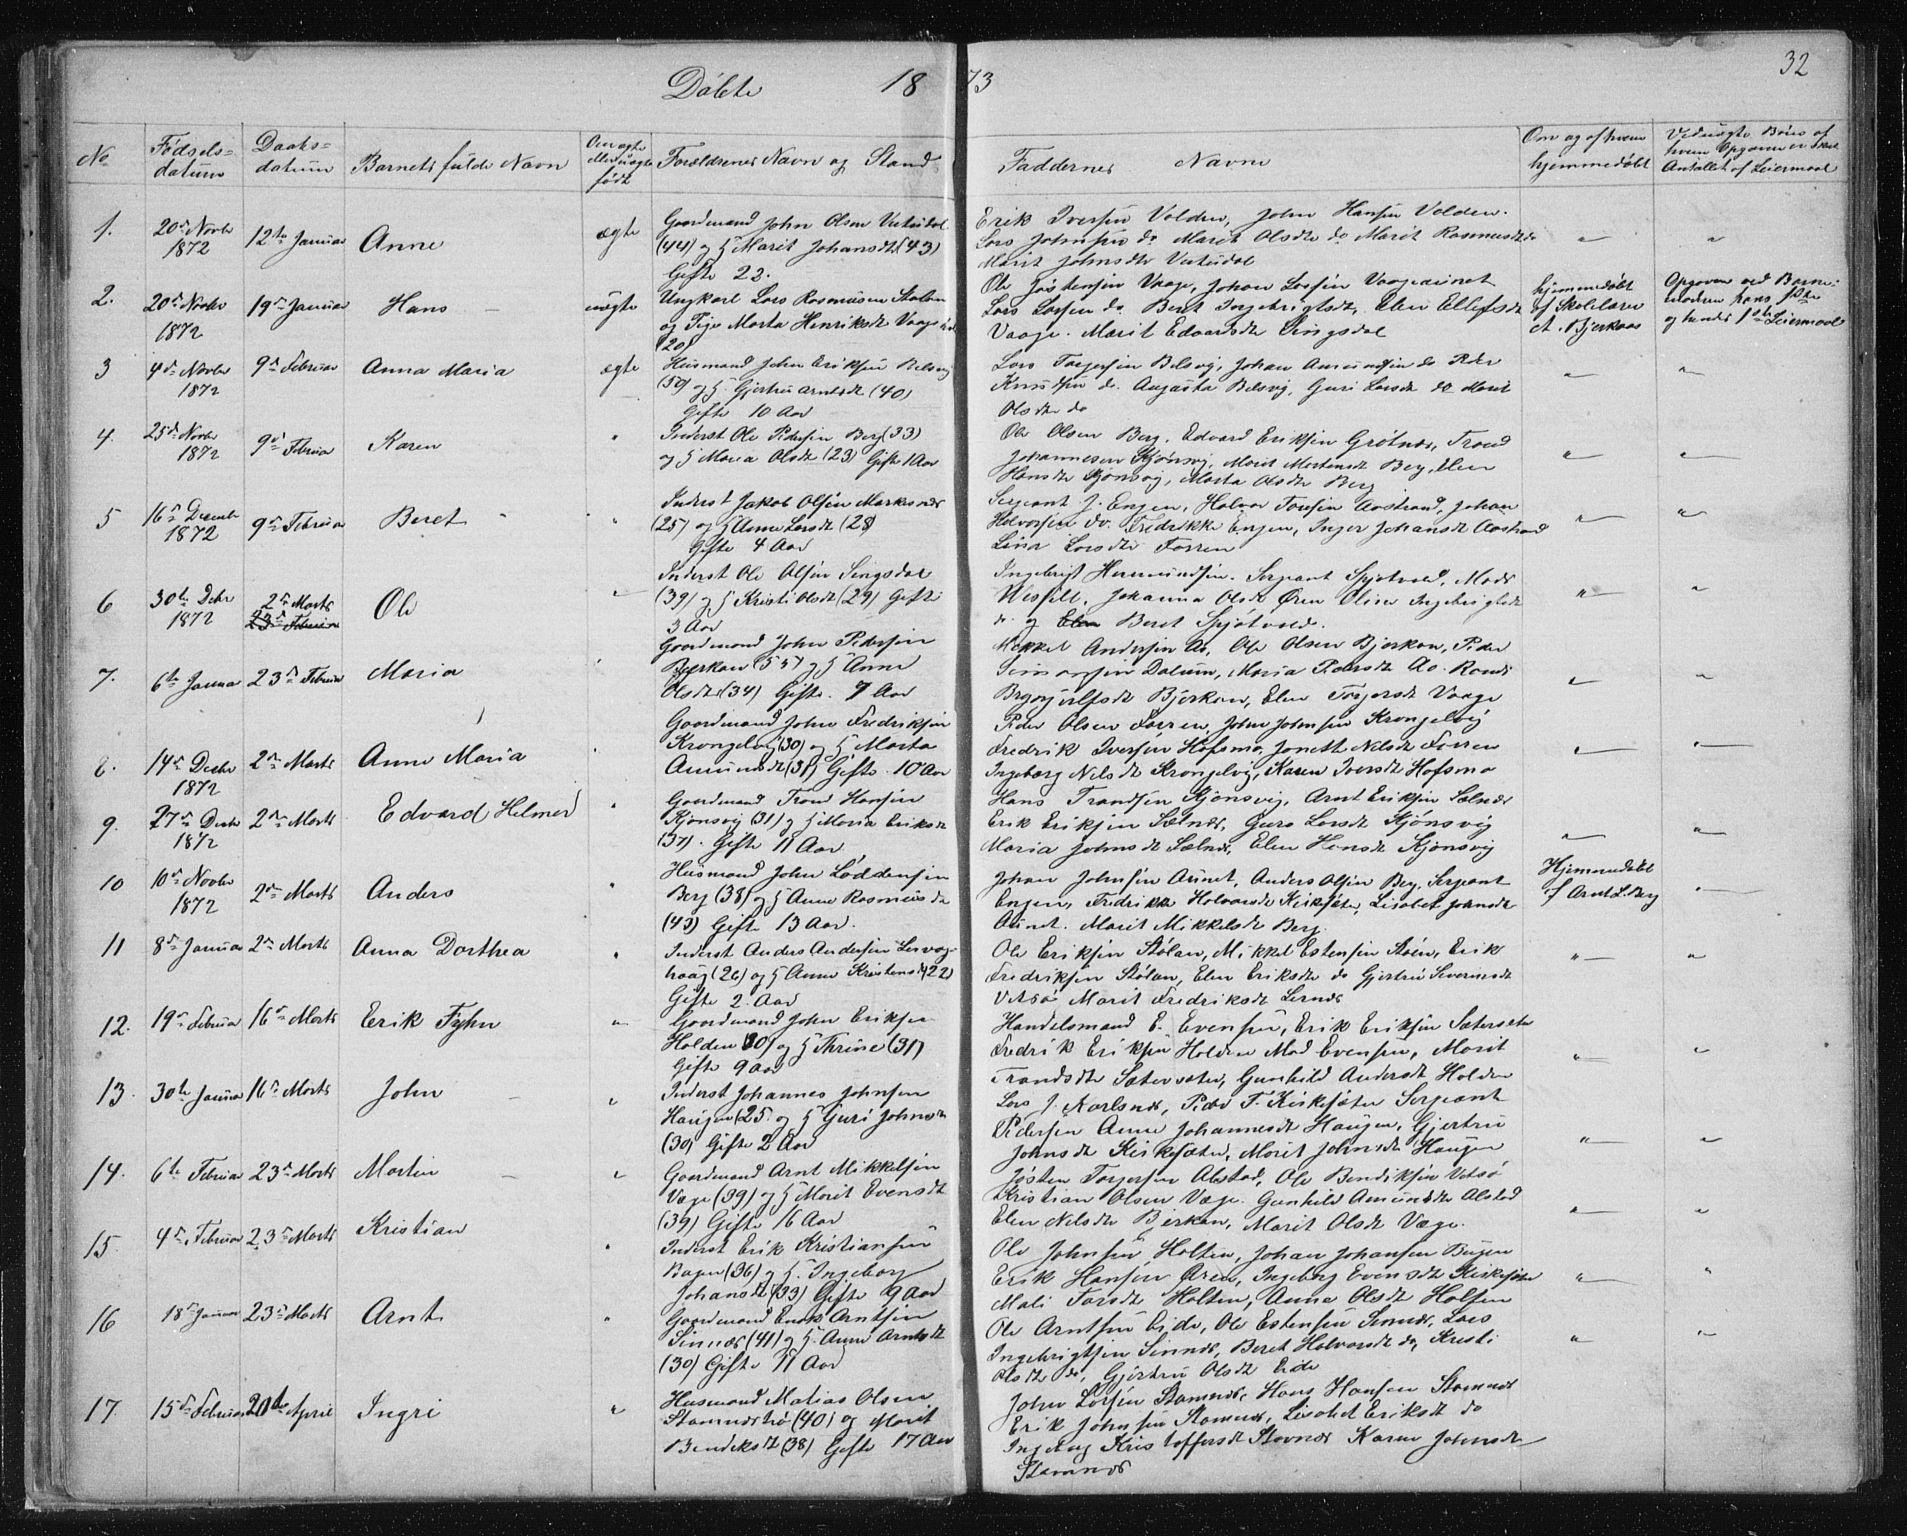 SAT, Ministerialprotokoller, klokkerbøker og fødselsregistre - Sør-Trøndelag, 630/L0503: Klokkerbok nr. 630C01, 1869-1878, s. 32